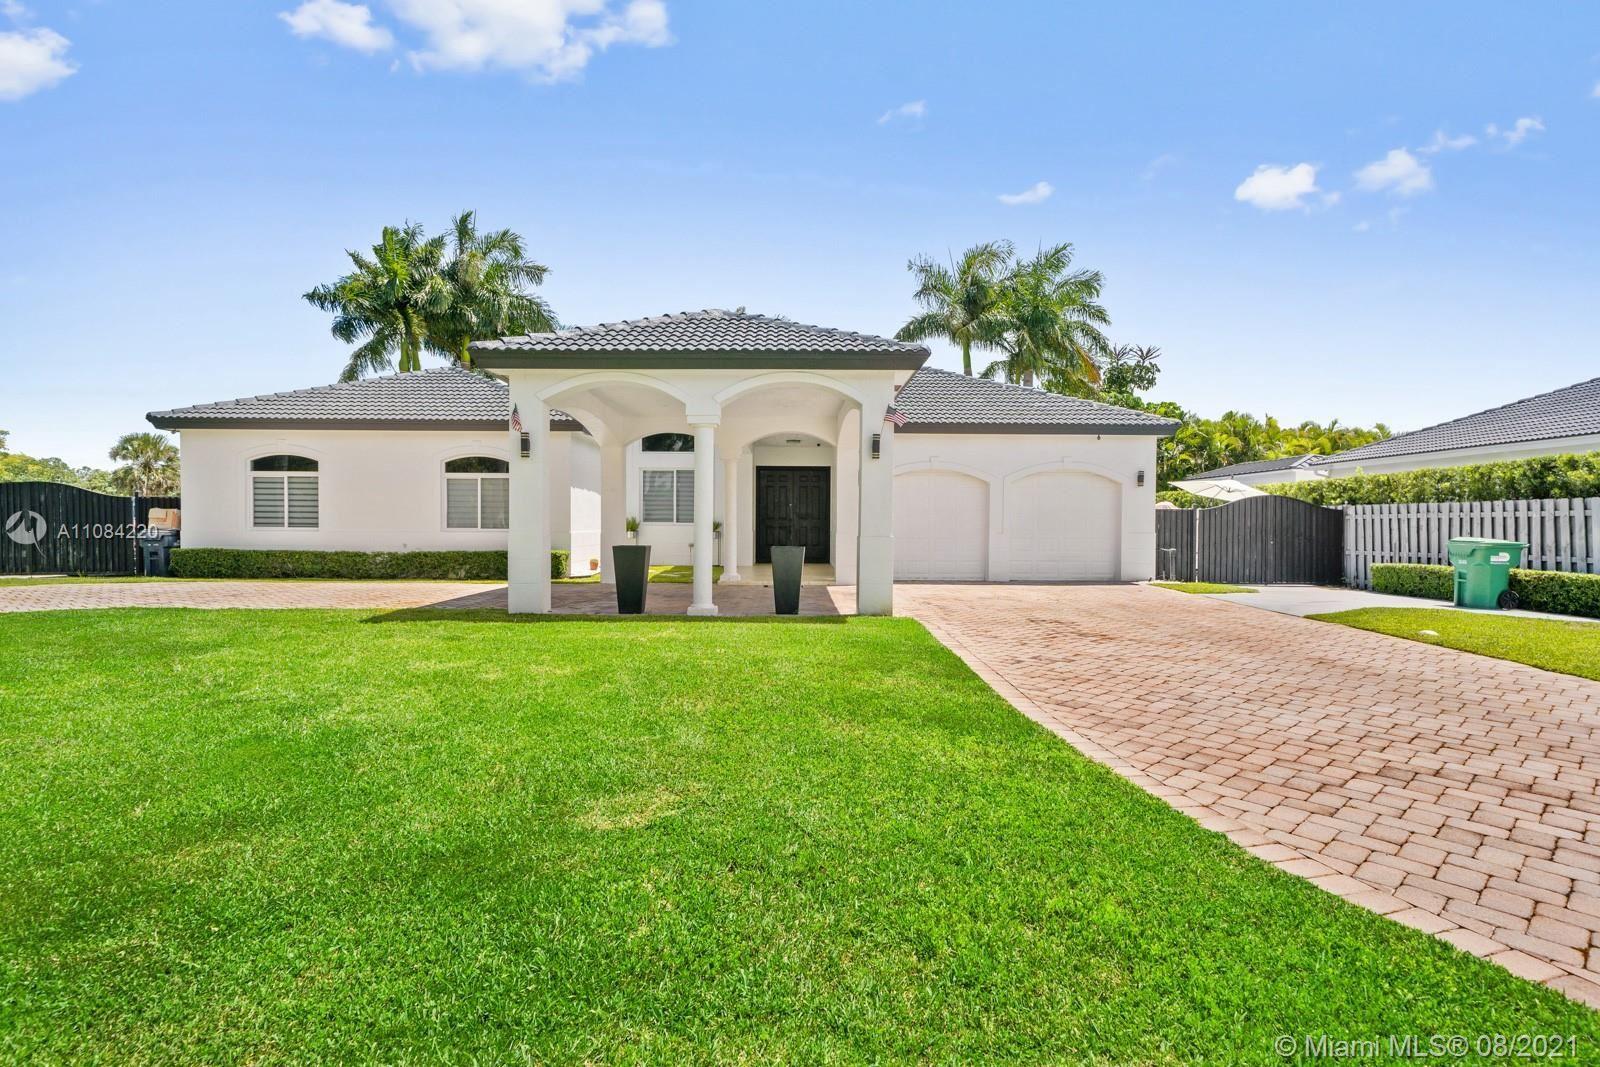 13004 SW 186th Ter, Miami, FL 33177 - #: A11084220